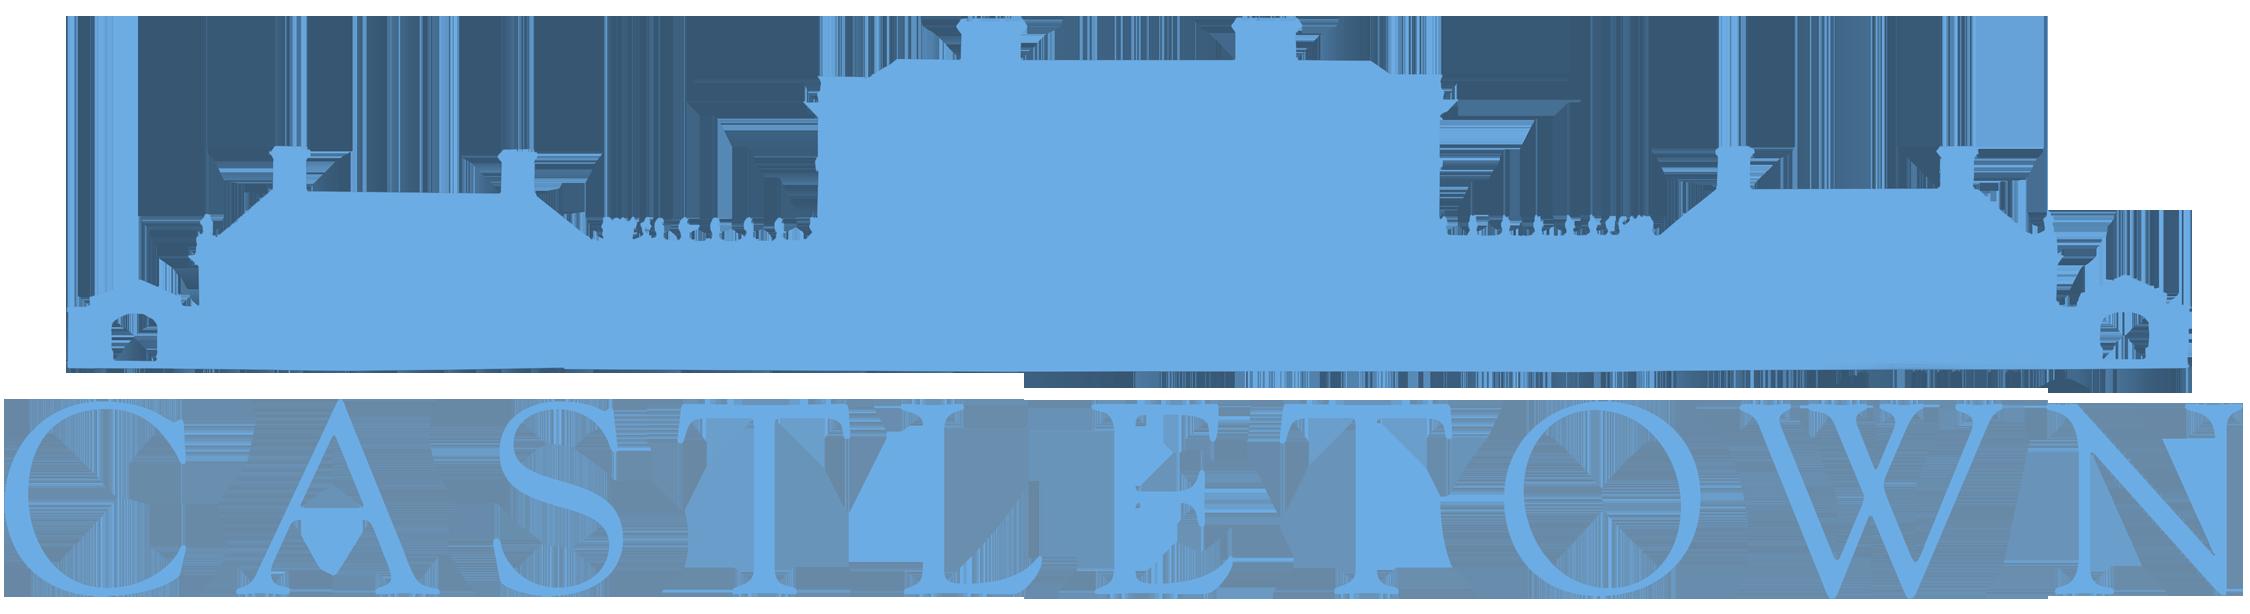 Castletown logo